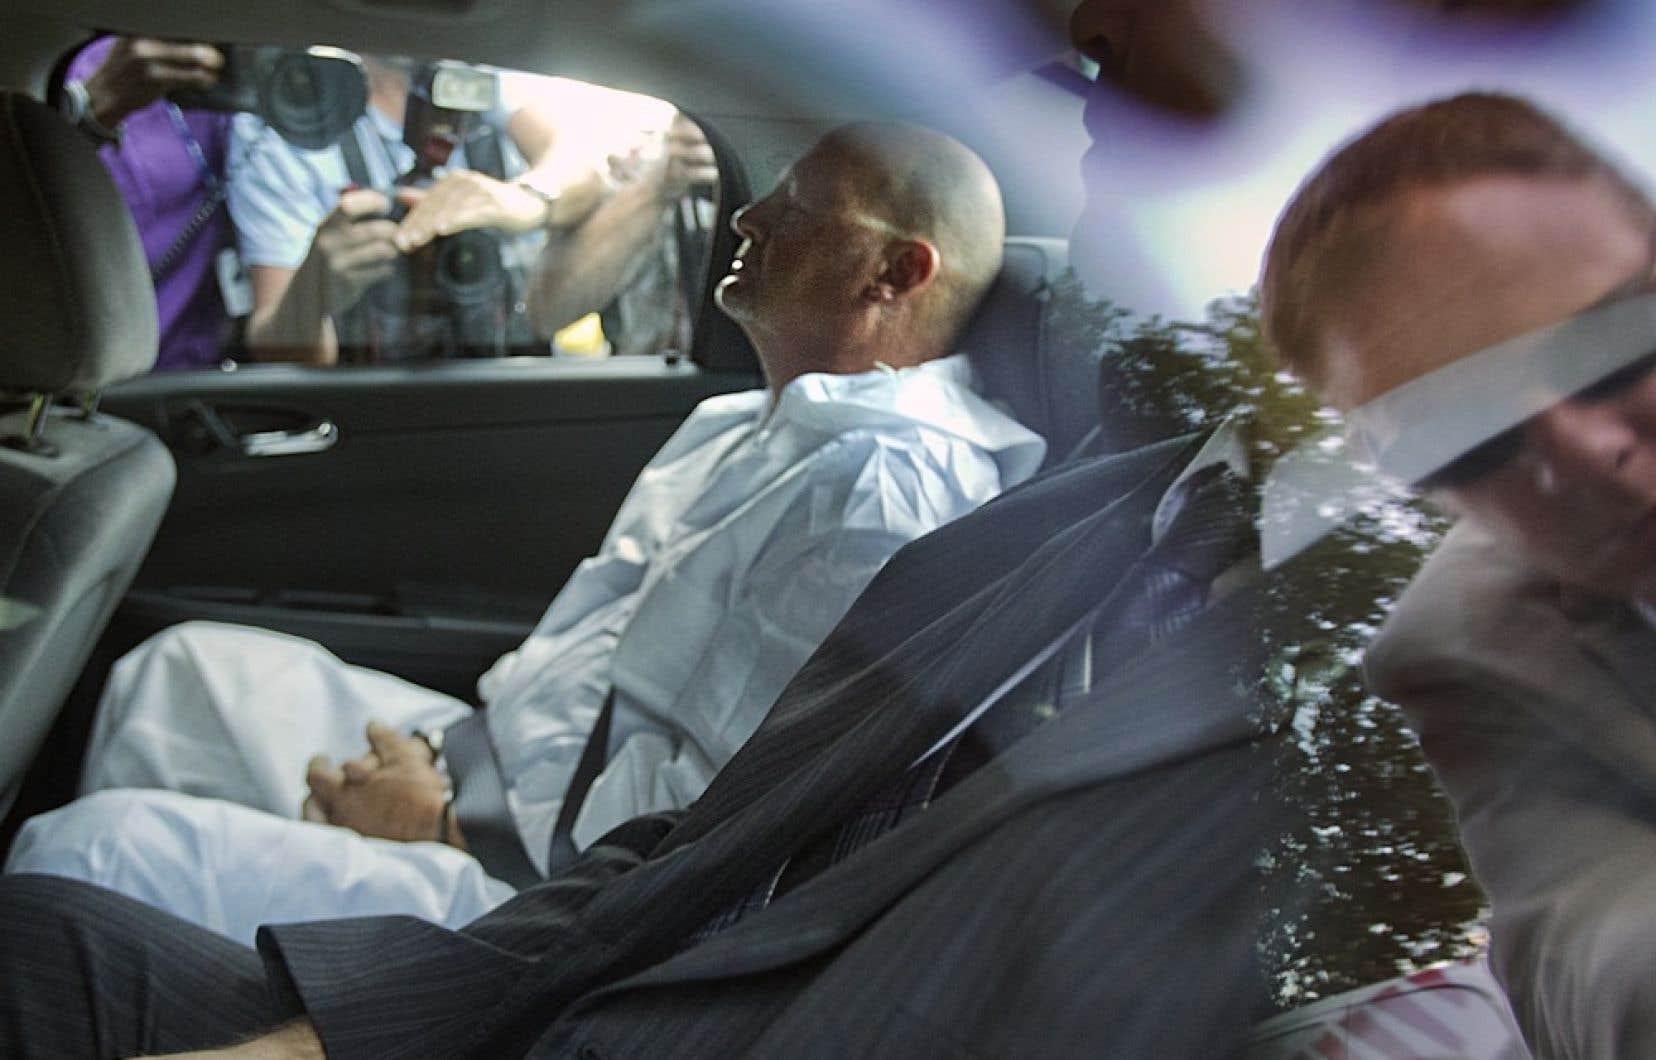 Richard Bain devait connaître lundi, au palais de justice de Montréal, les résultats de son évaluation psychiatrique devant déterminer s'il est apte ou non à subir un procès.